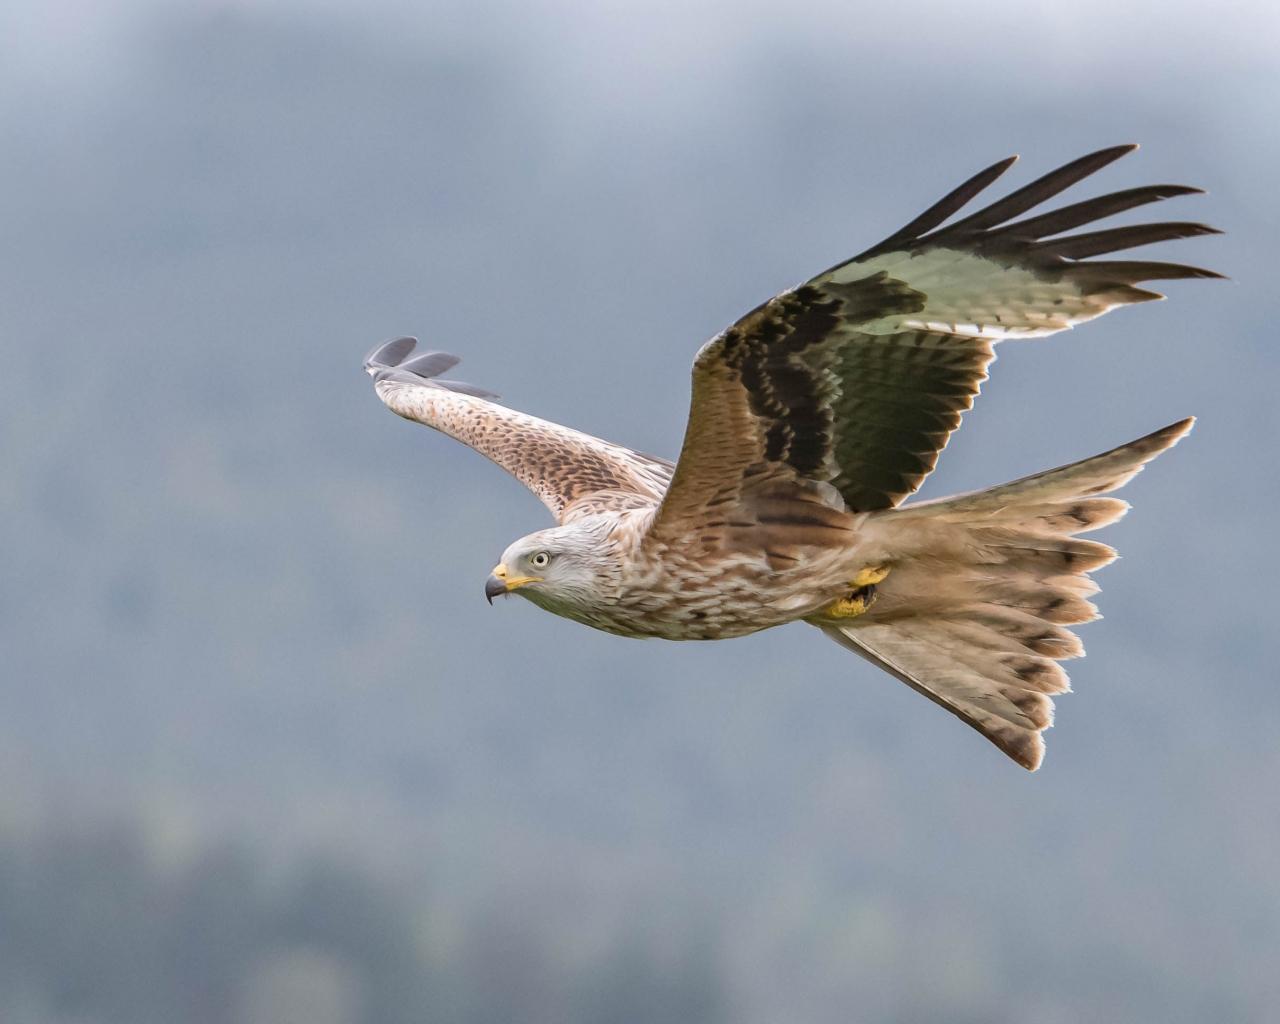 Aguila volando - 1280x1024